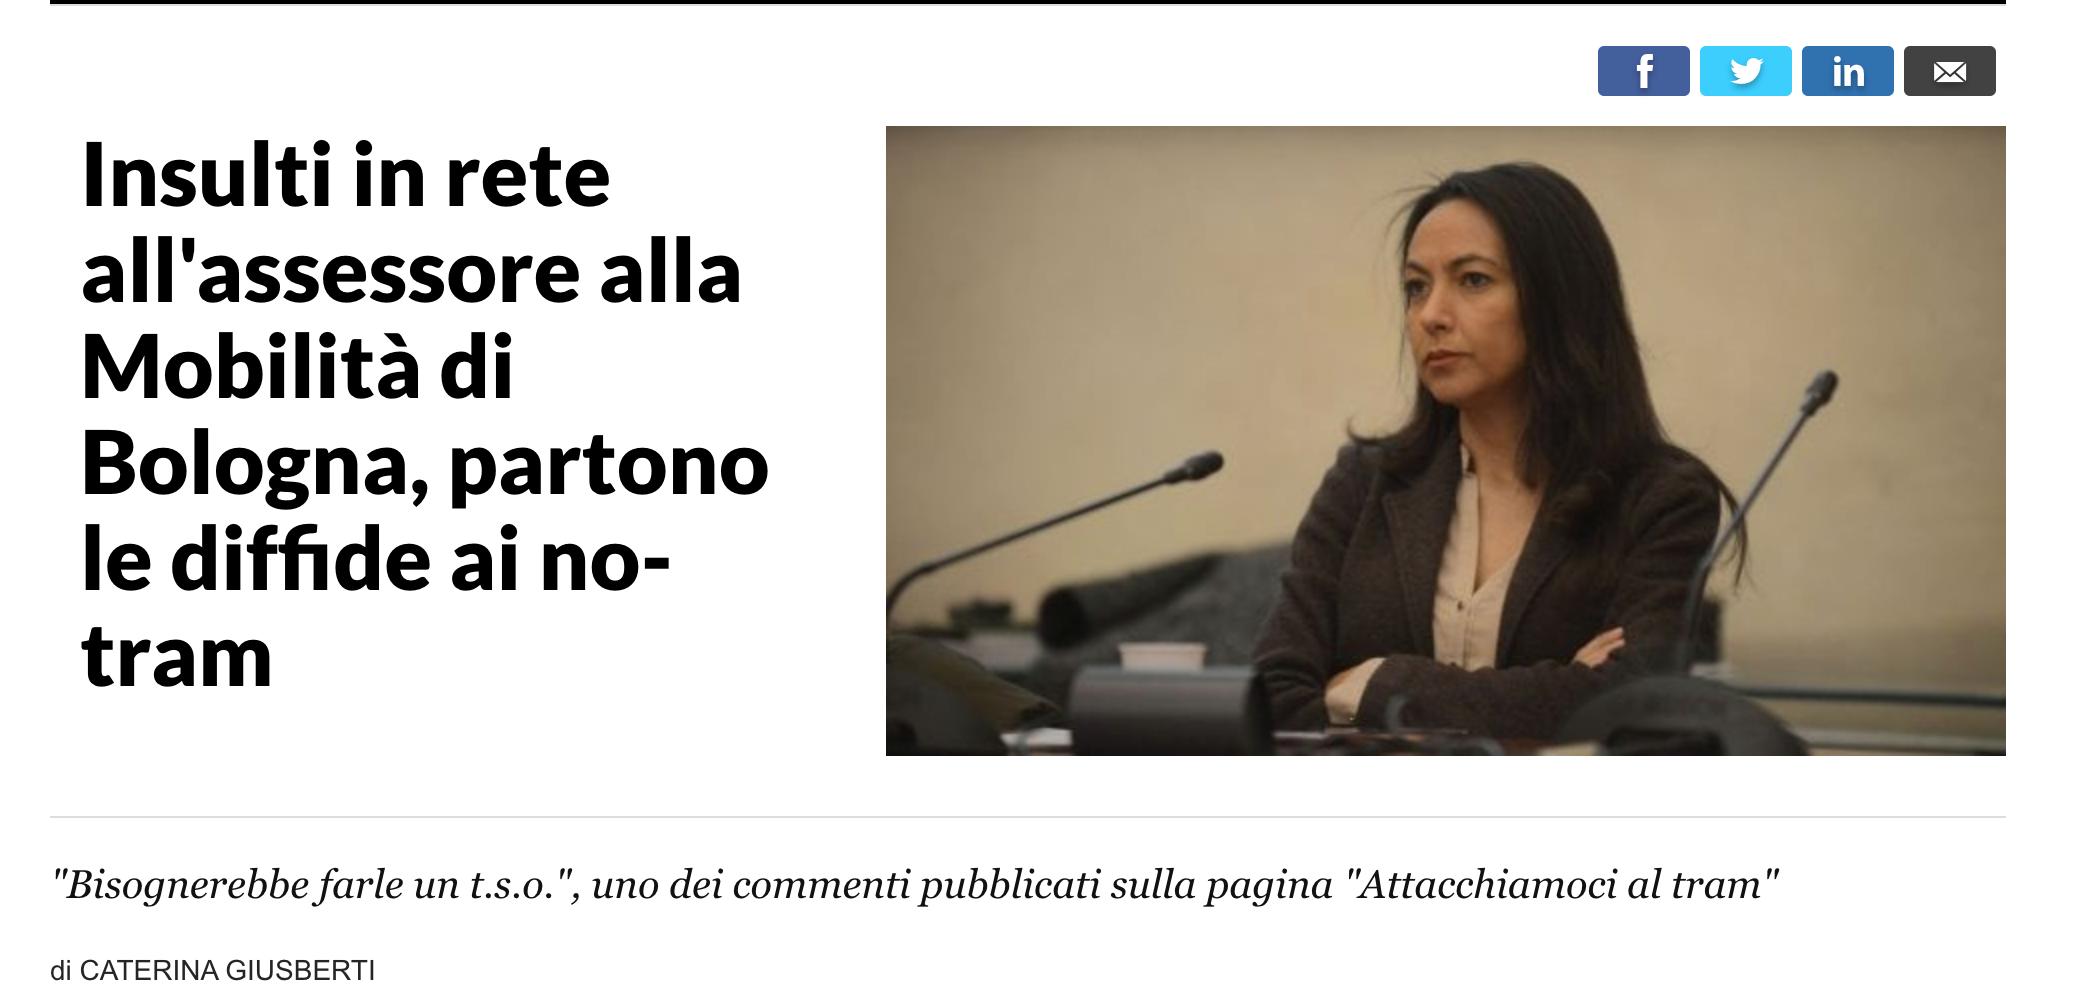 Solidali con Irene Priolo